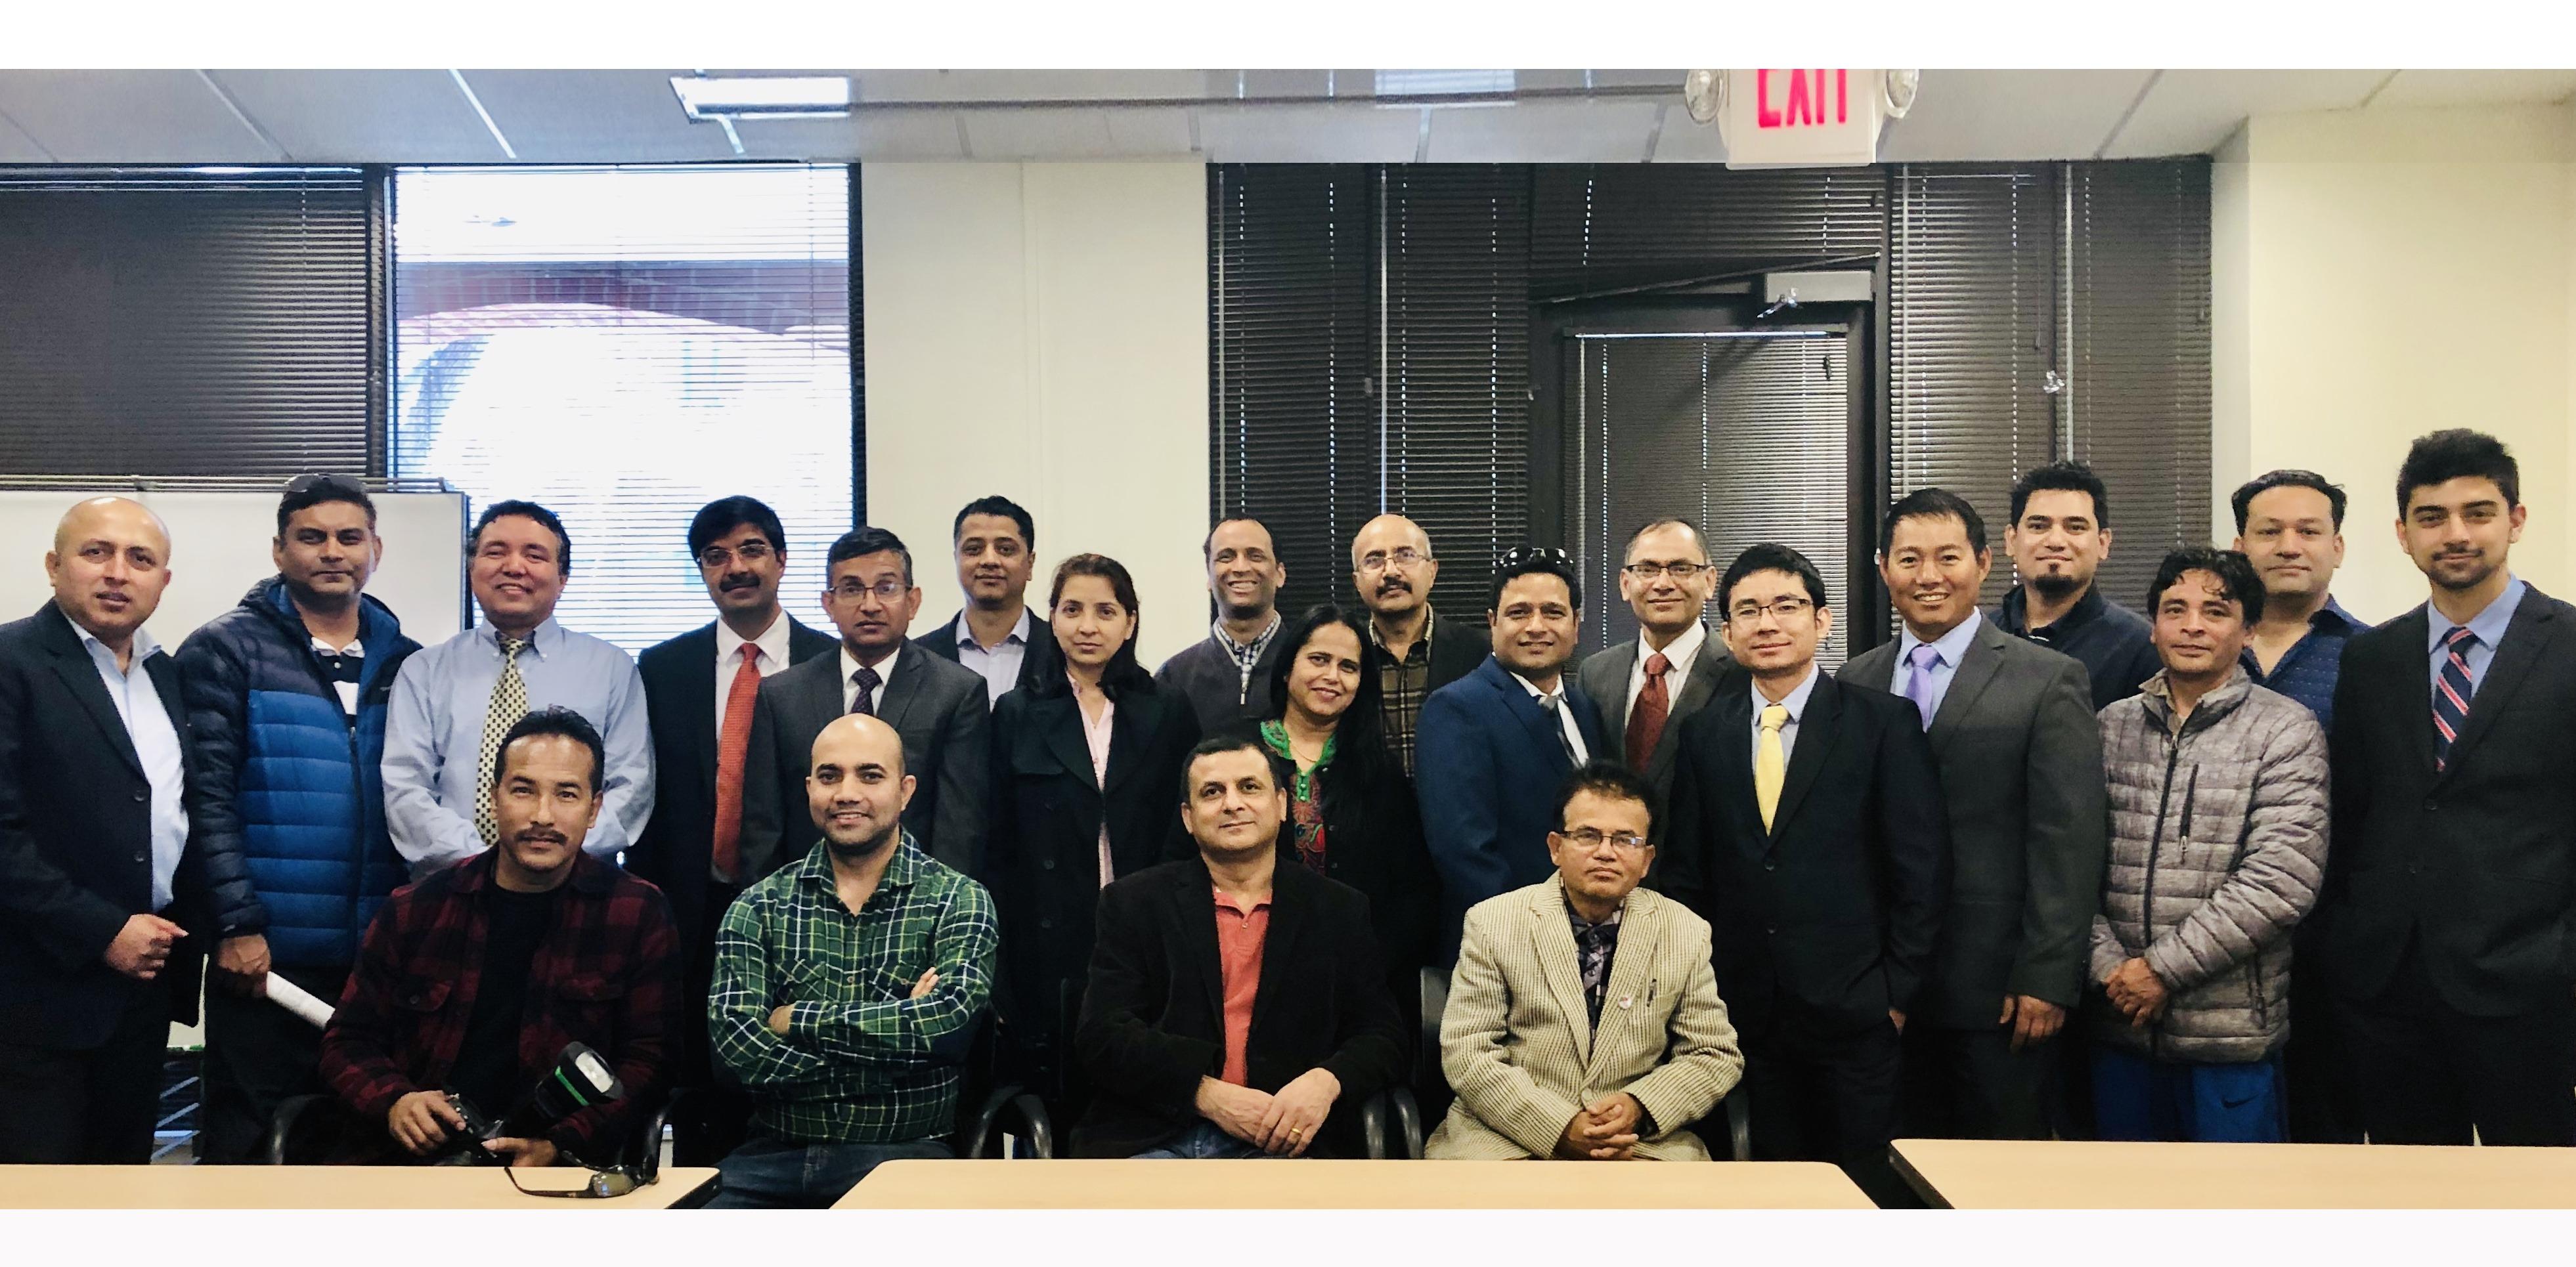 अमेरिकामा 'नेपाली डायस्पोरा लगानी कोष' कम्पनी संचालन